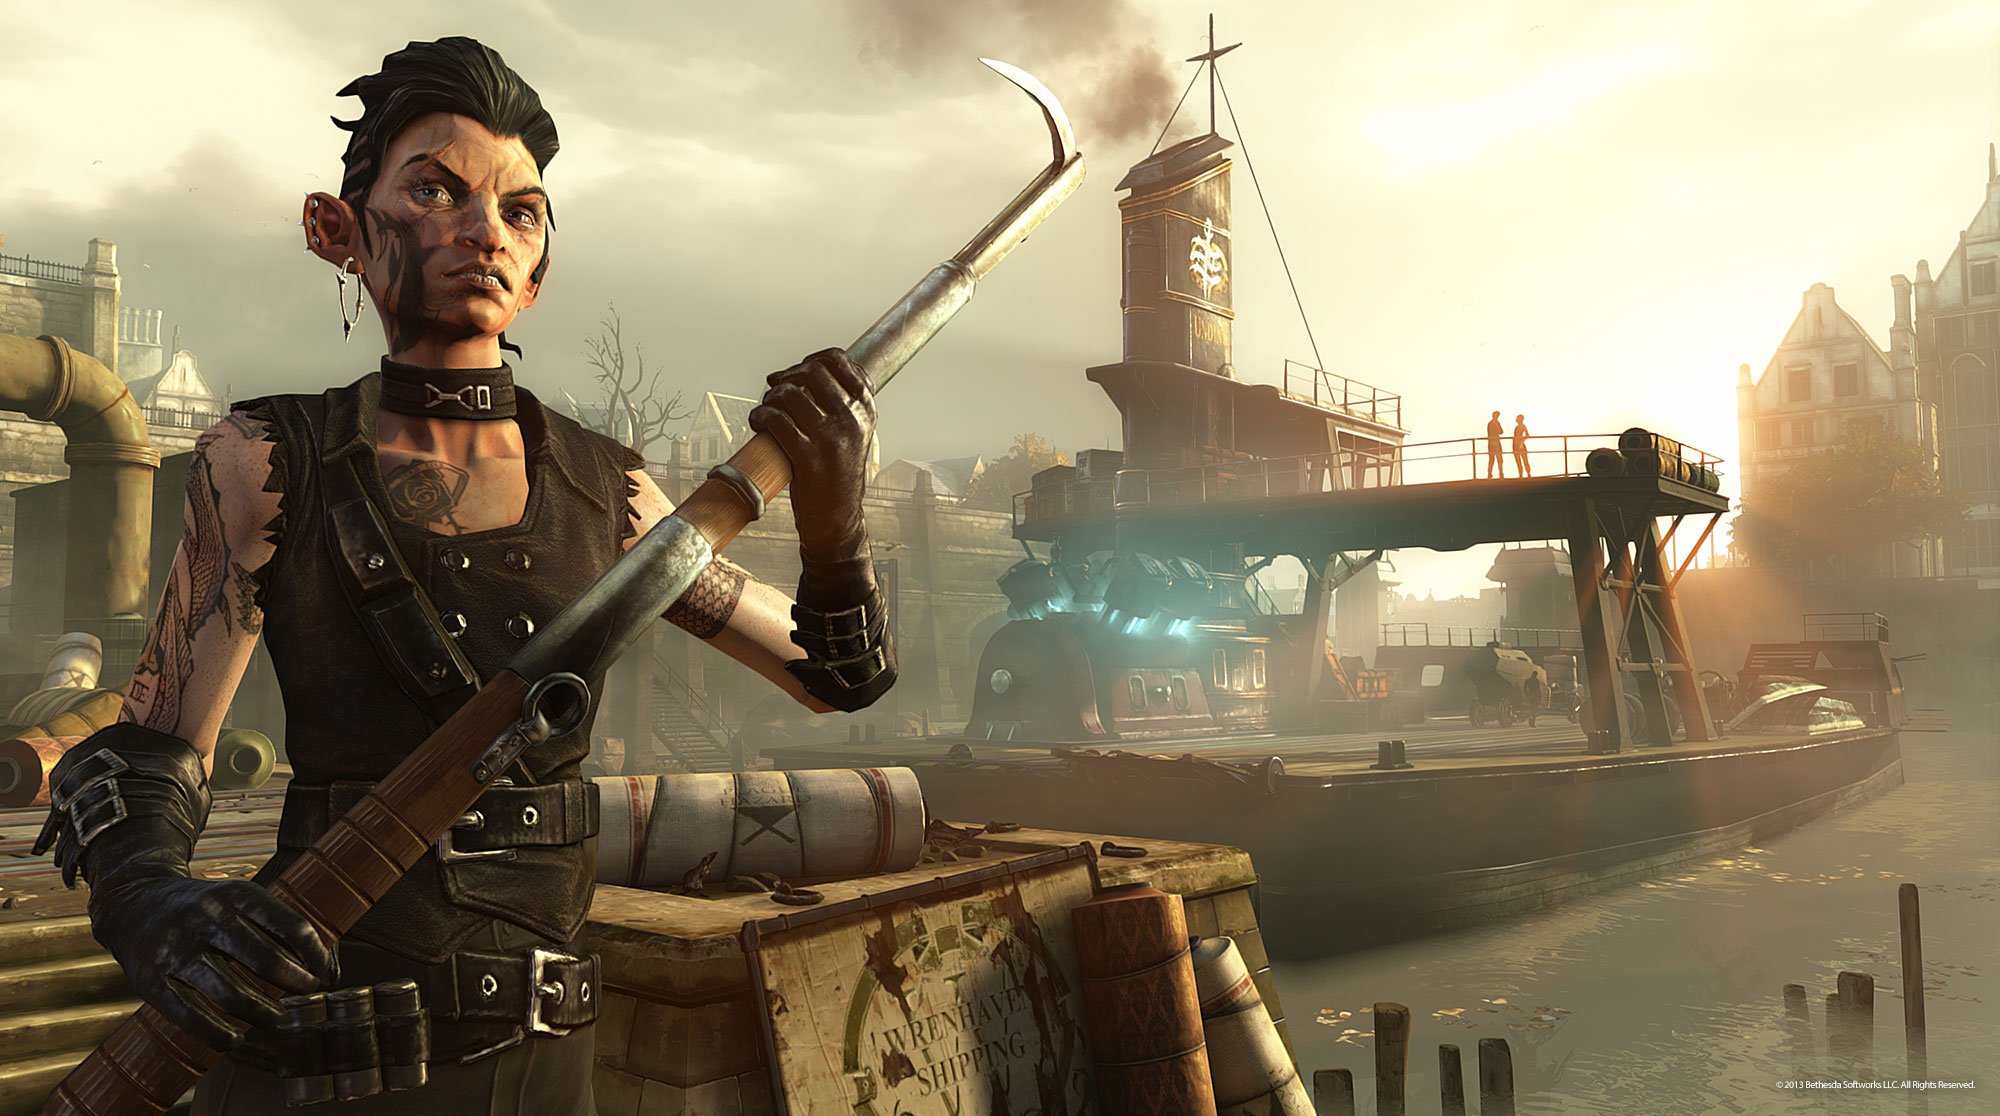 Dishonored: The Brigmore Witches.  Европейский релиз третьего по счету DLC для игры Dishonored состоится 14 августа  ... - Изображение 1